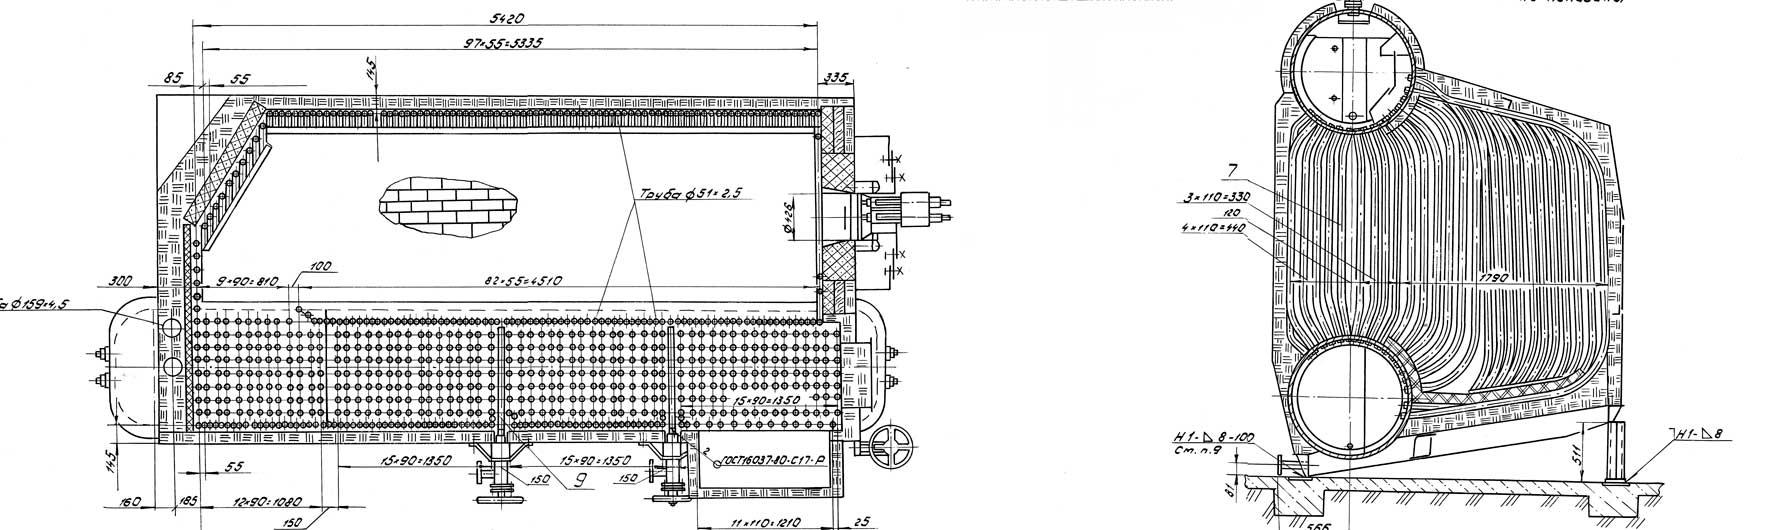 Котел ДЕ-16-14ГМО в легкой обмуровке и блок котла ДЕ - 16-14ГМ